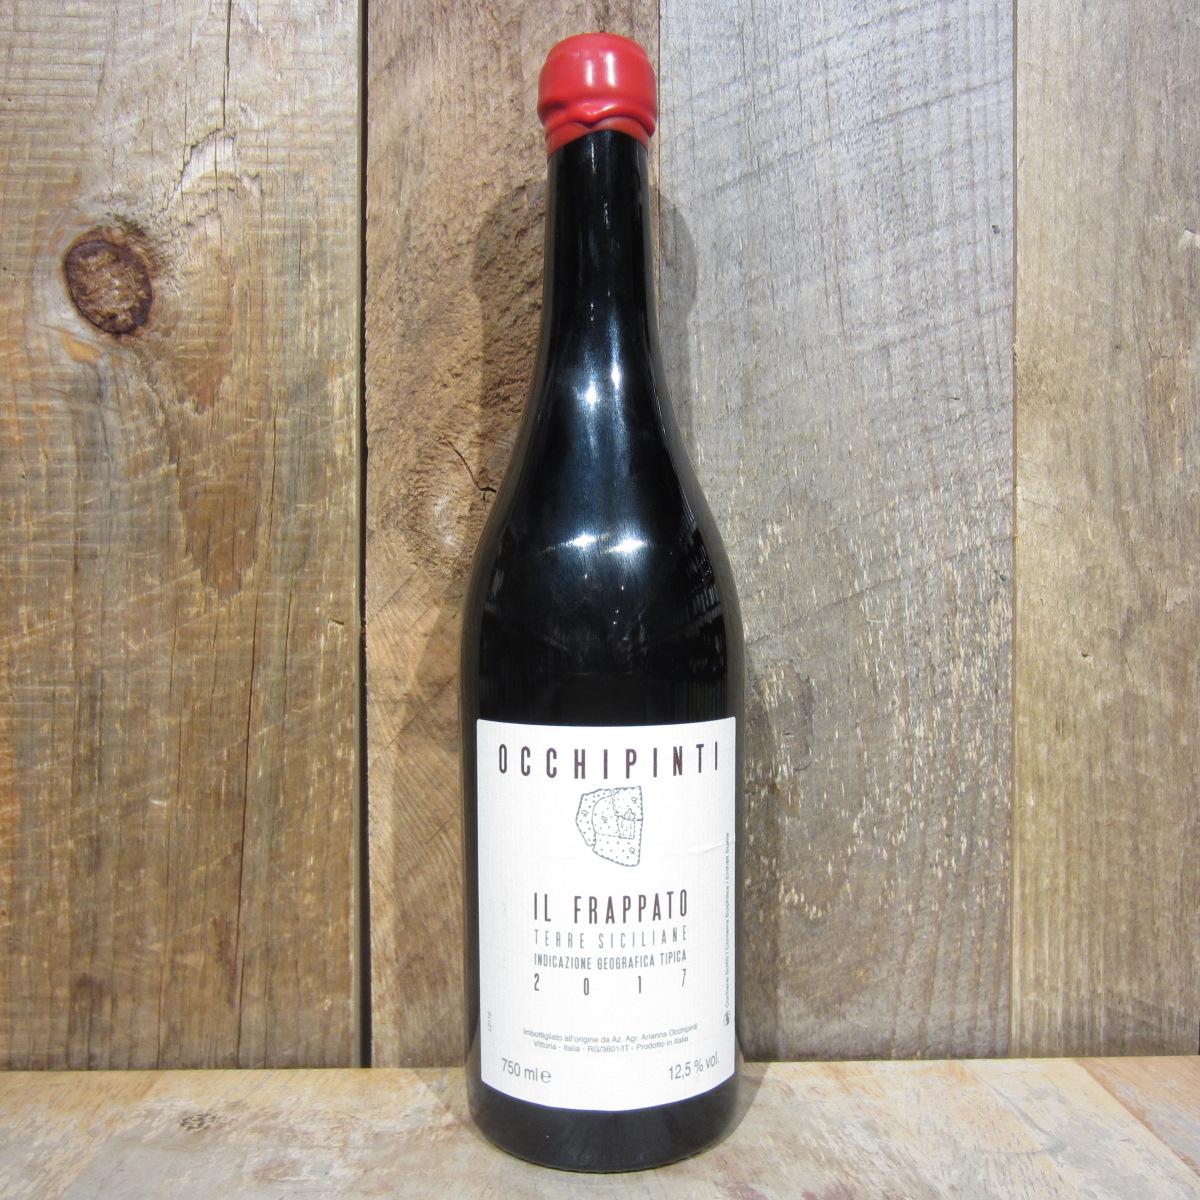 Occhipinti Il Frappato Rosso 2018/19 750ml